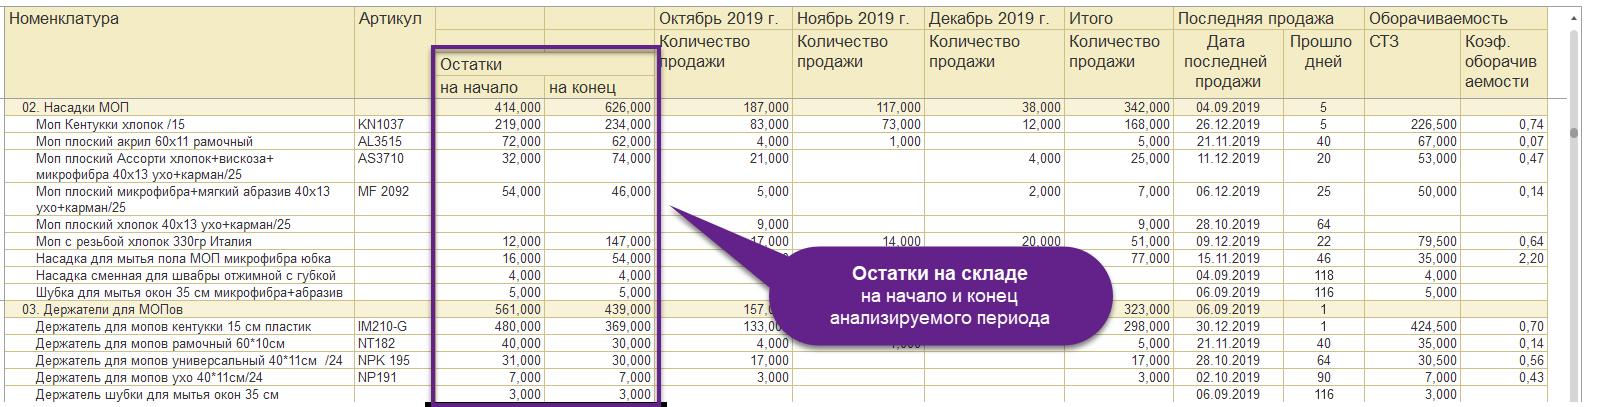 Остатки Продажи 1С ОстаткиНаСкладах